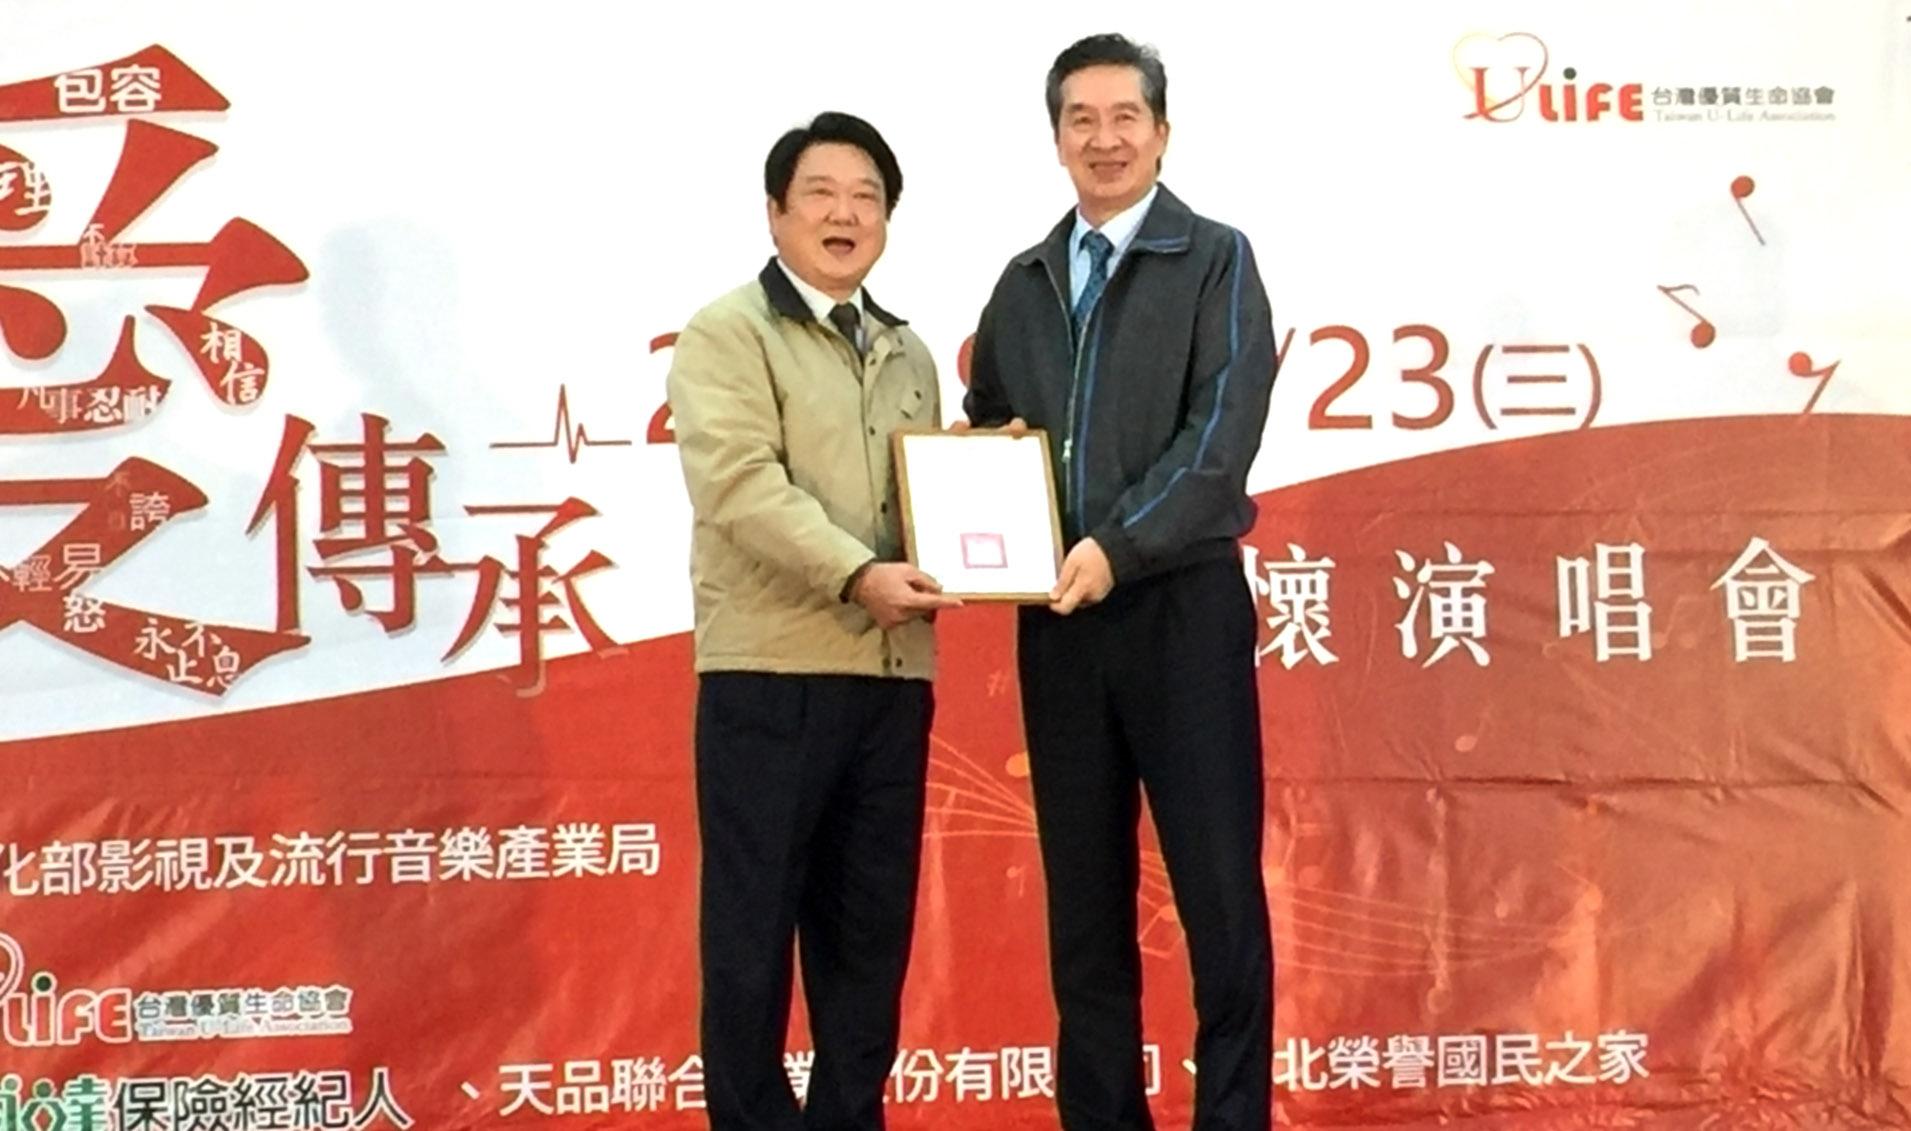 臺北榮譽國民之家董龍泉家主任頒贈感謝狀給永達保經陳慶鴻總經理。